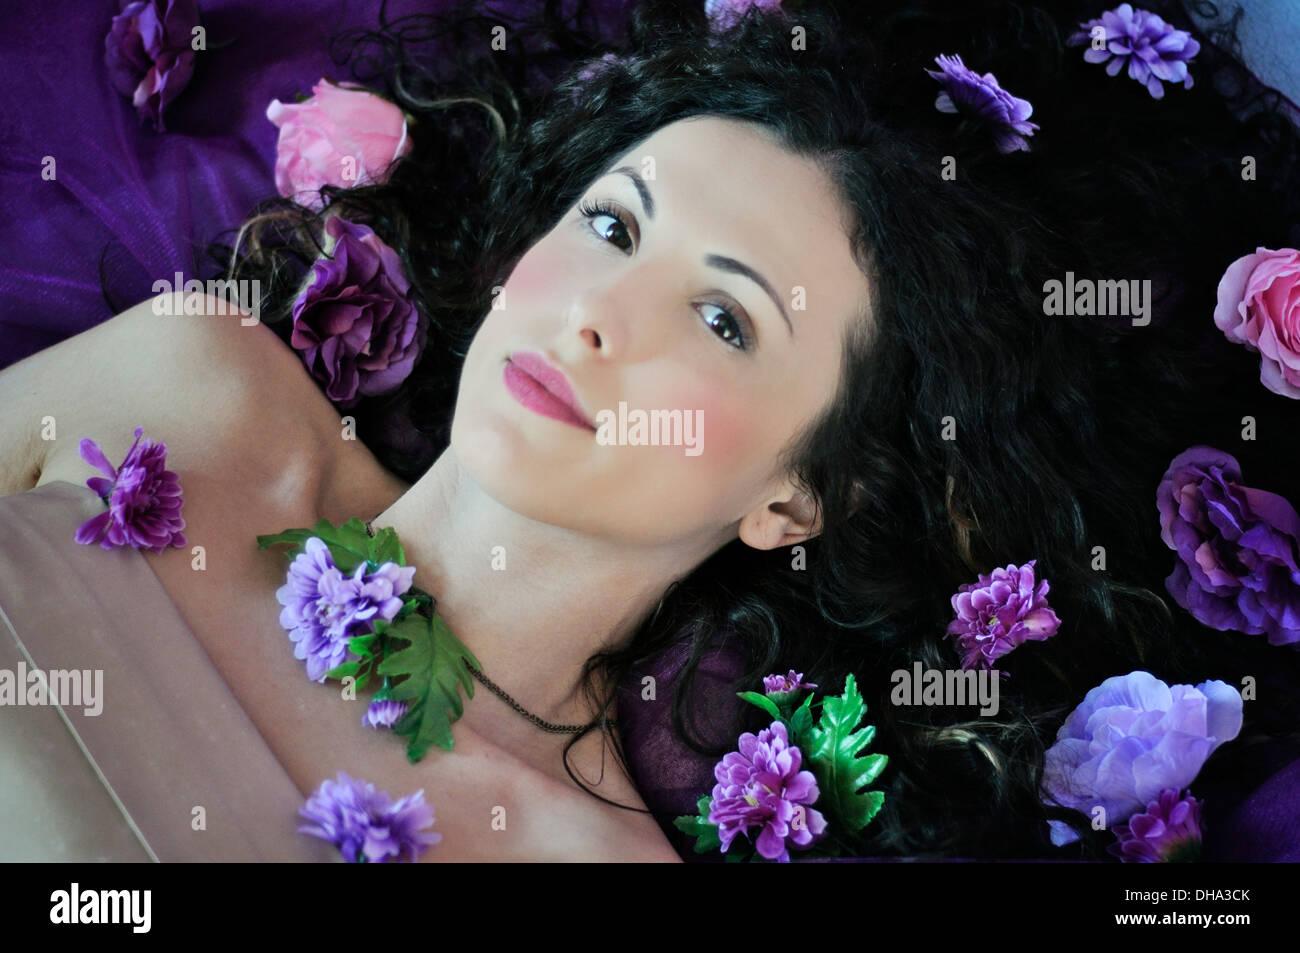 Porträt einer jungen schönen Frau auf Bett liegend Stockbild